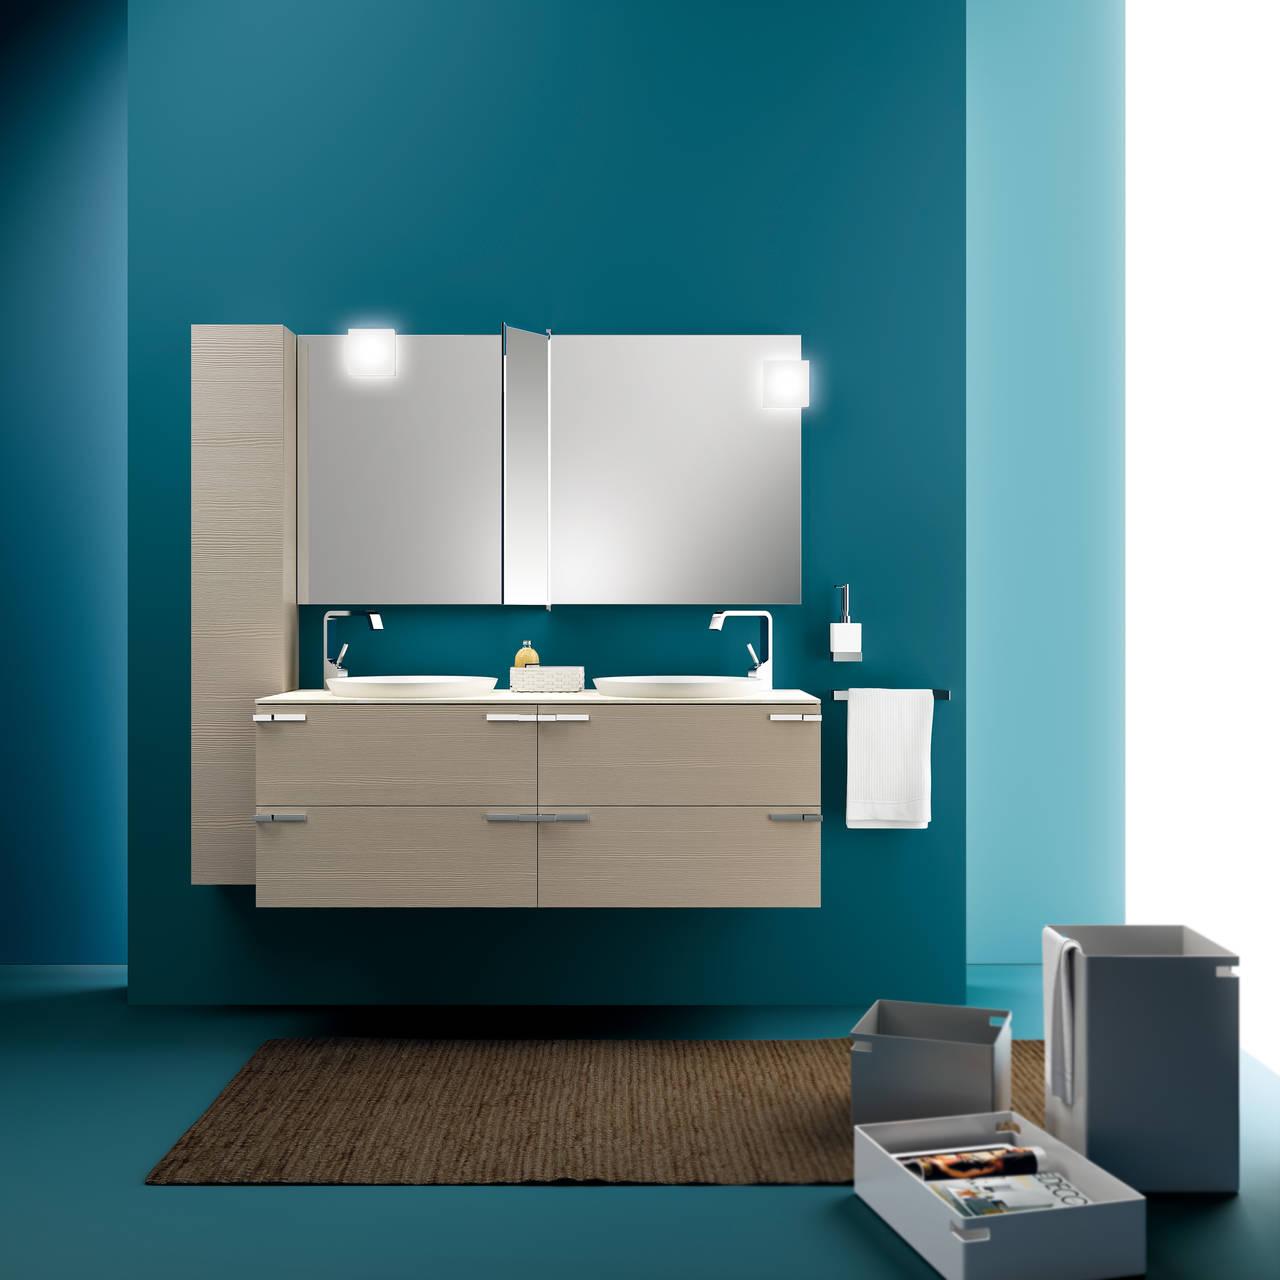 Ambiente bagno completo, con mobili della collezione Rivo di Scavolini Bathrooms. Design Studio Castiglia Associati